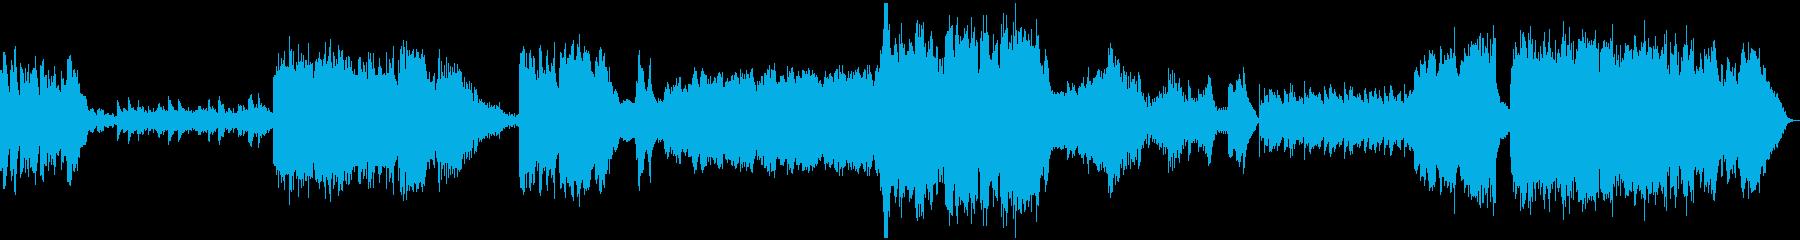 ガムラン/ストリングス/ハープ・神秘的の再生済みの波形